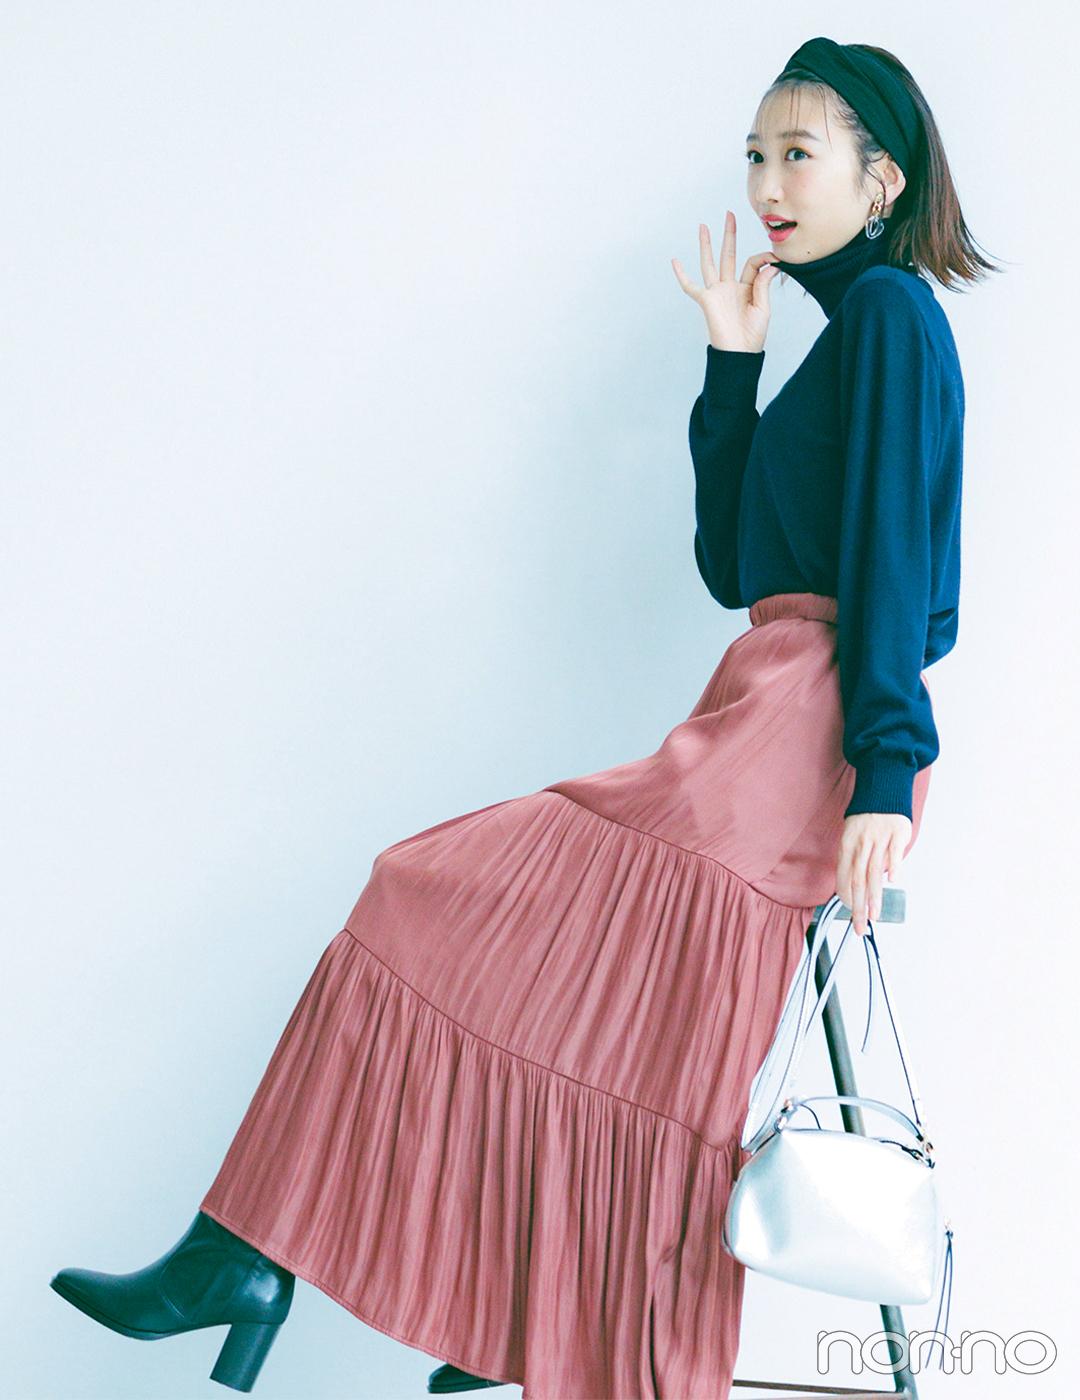 色もシルエットも主役級スカートは大人見えトップス合わせが好バランス【毎日コーデ】